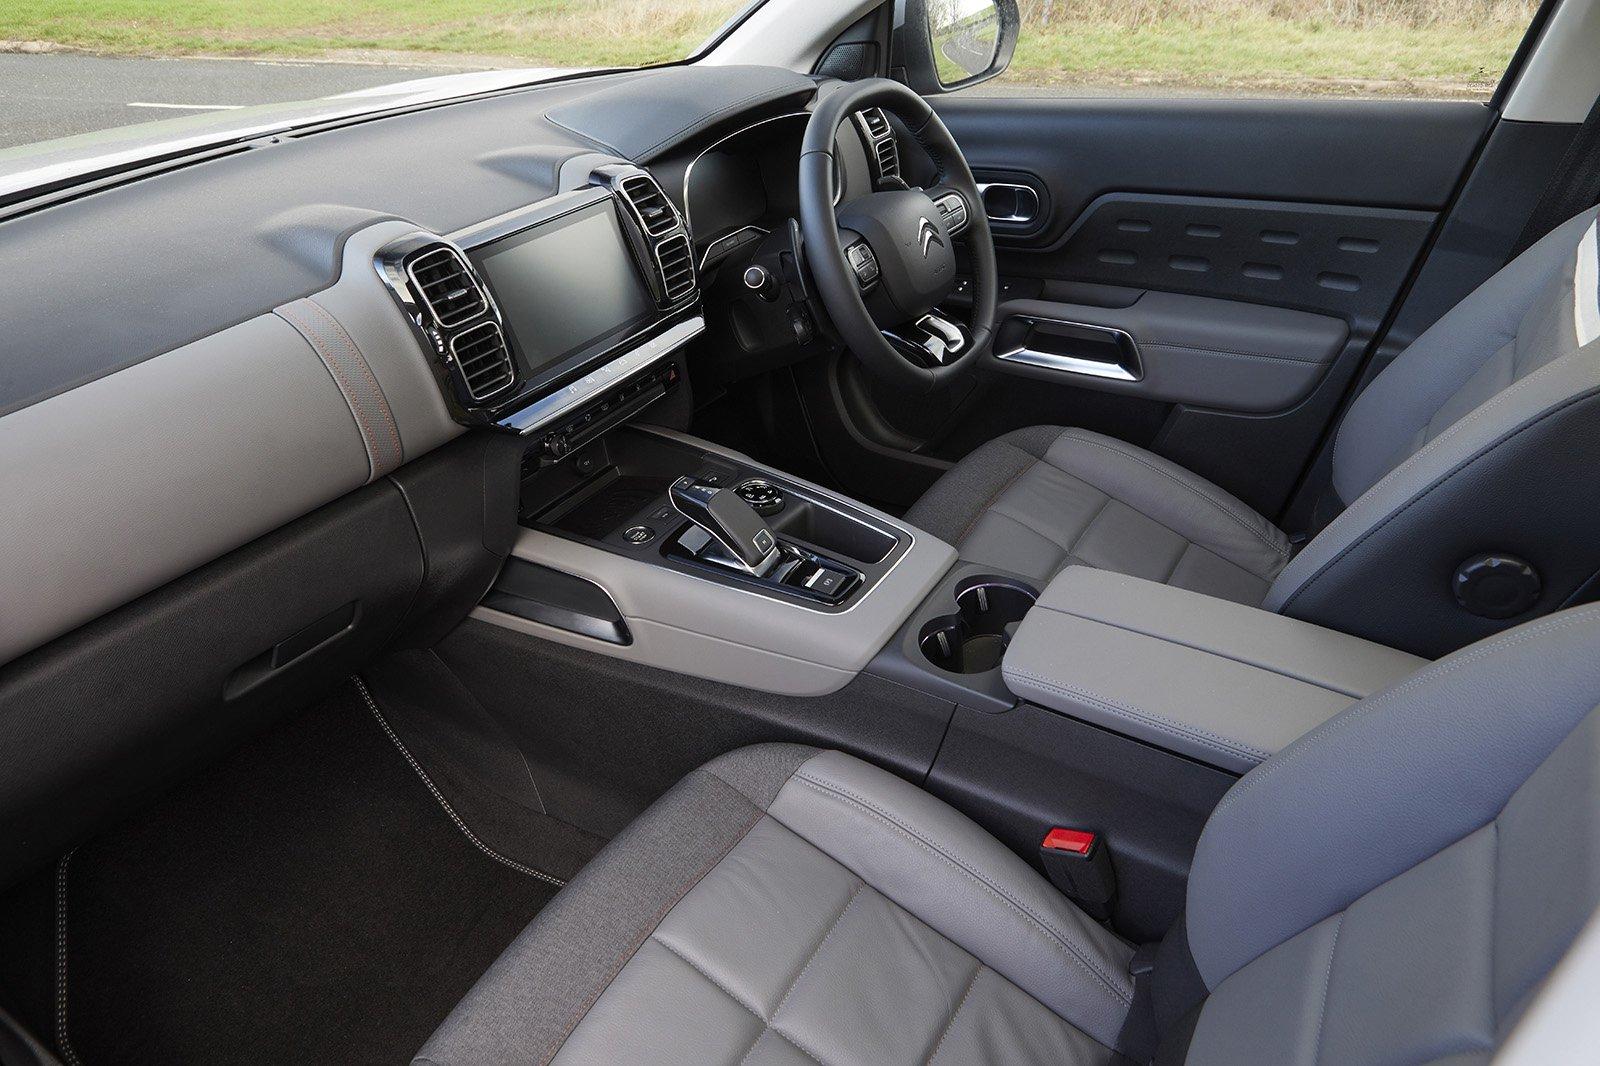 2020 Citroen C5 Aircross front seats